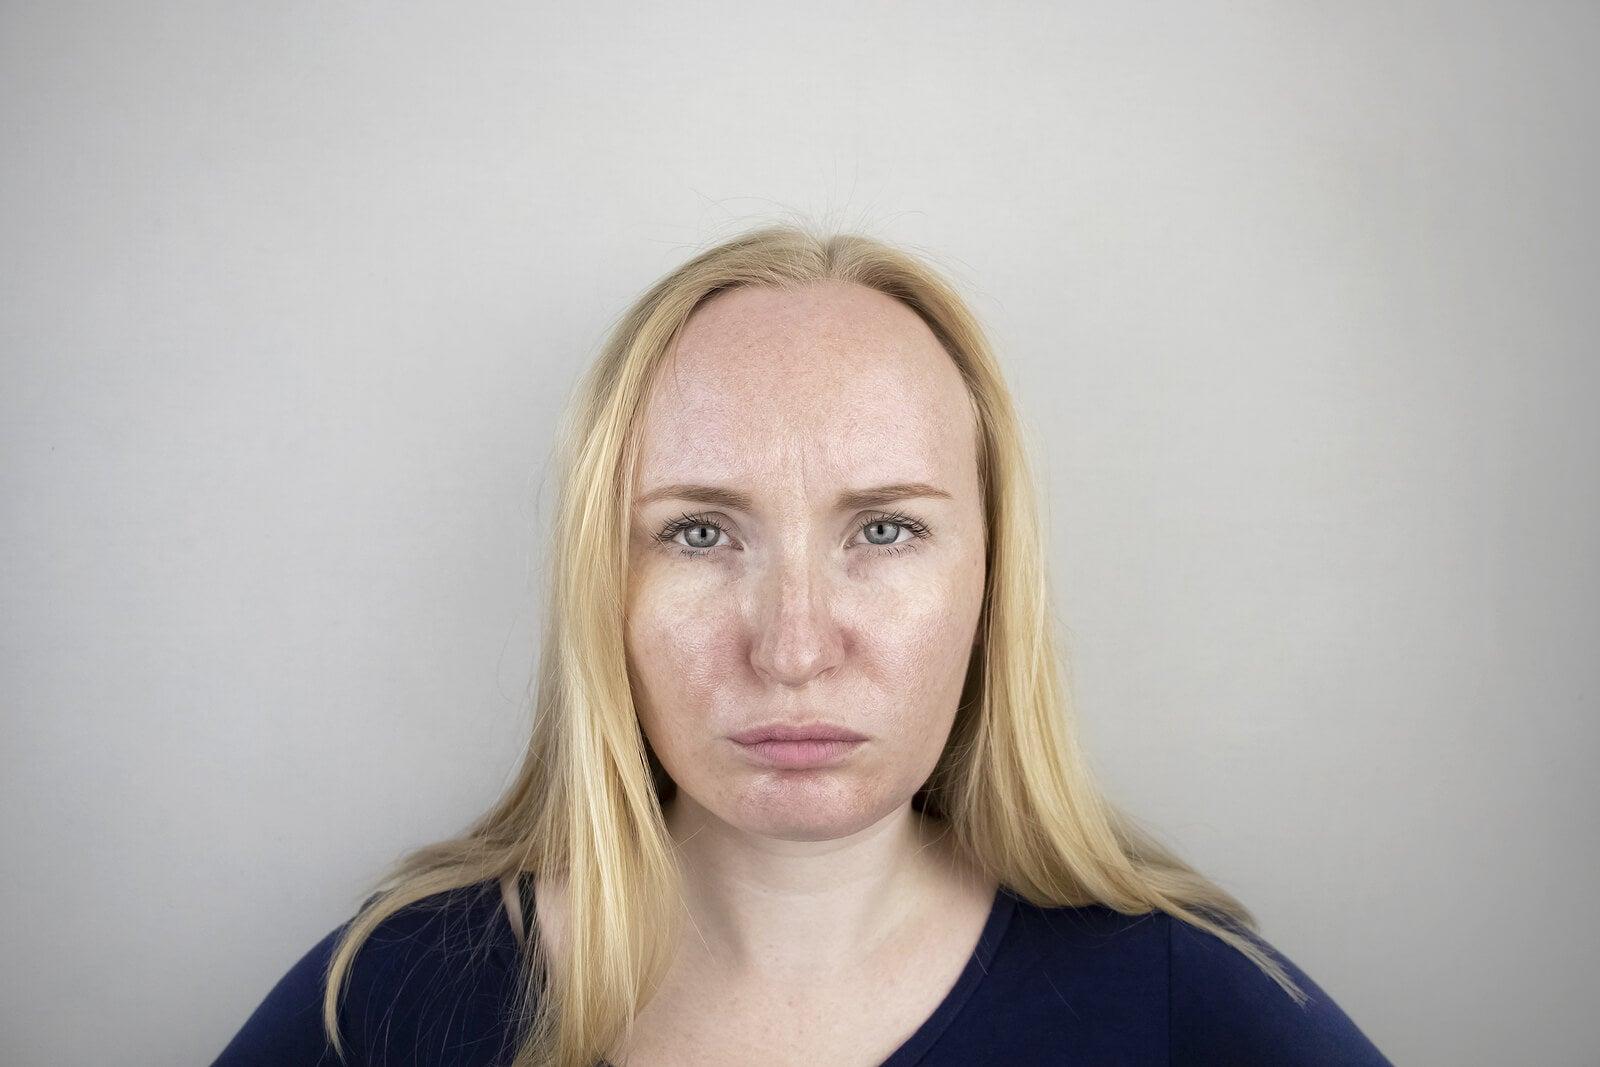 Mujer con la piel grasa.